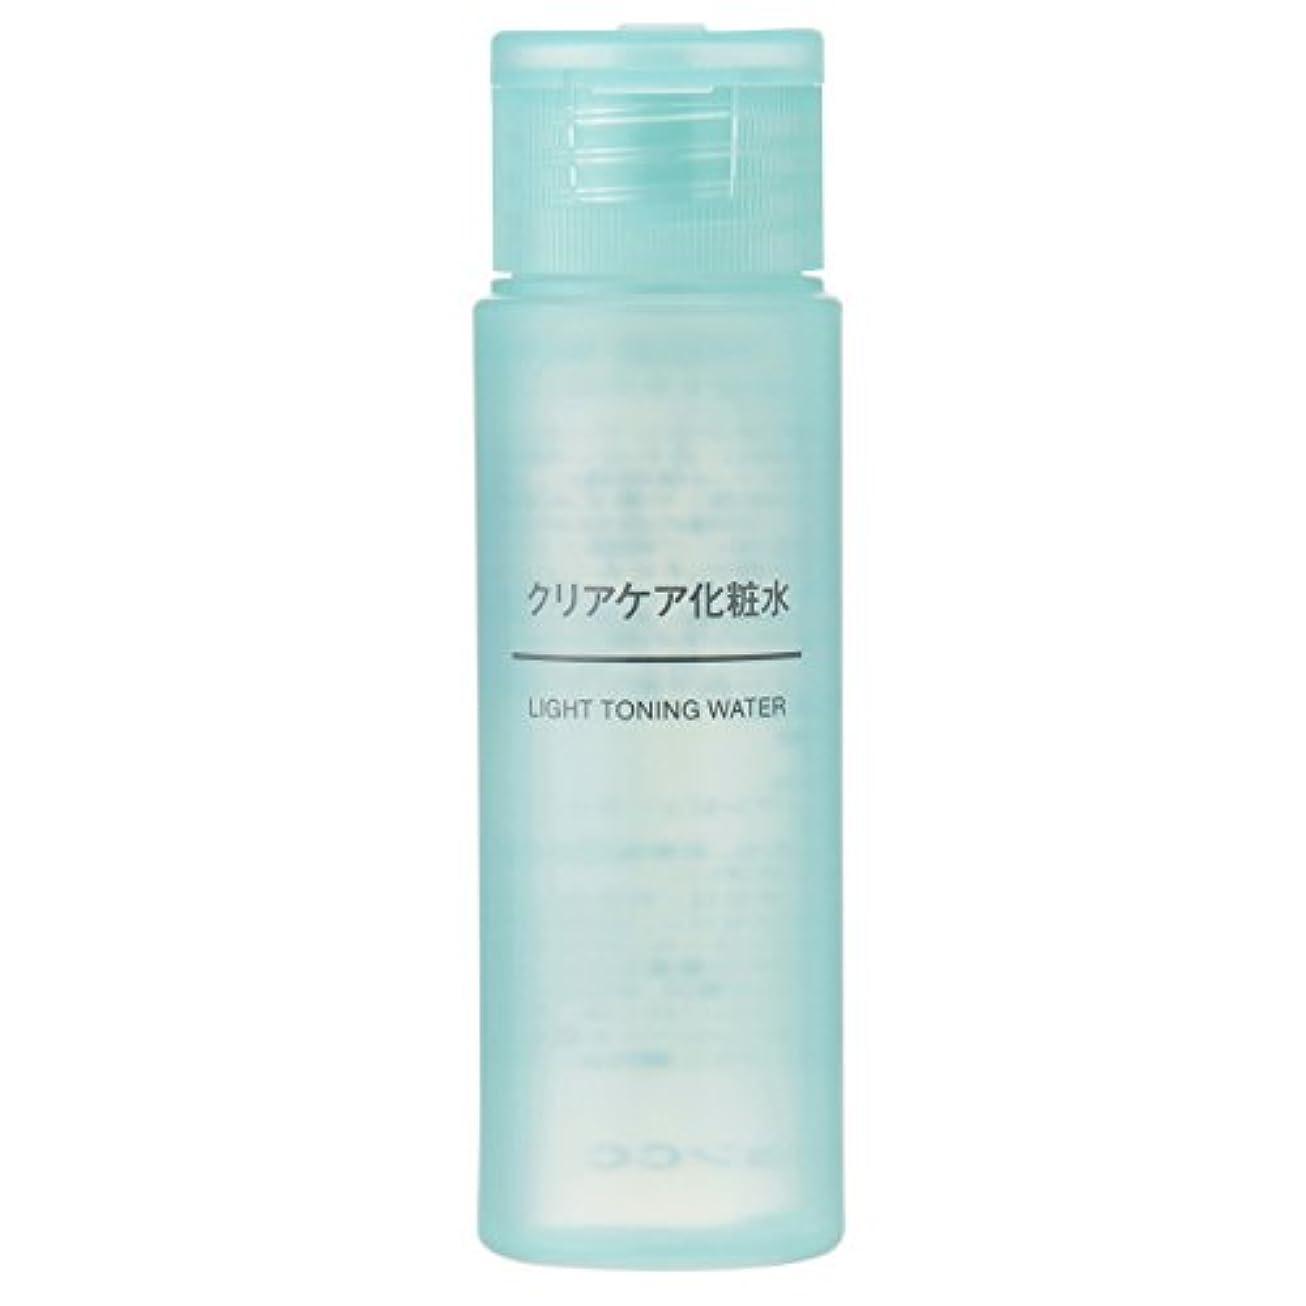 絵マキシム危険な無印良品 クリアケア化粧水(携帯用) 50ml